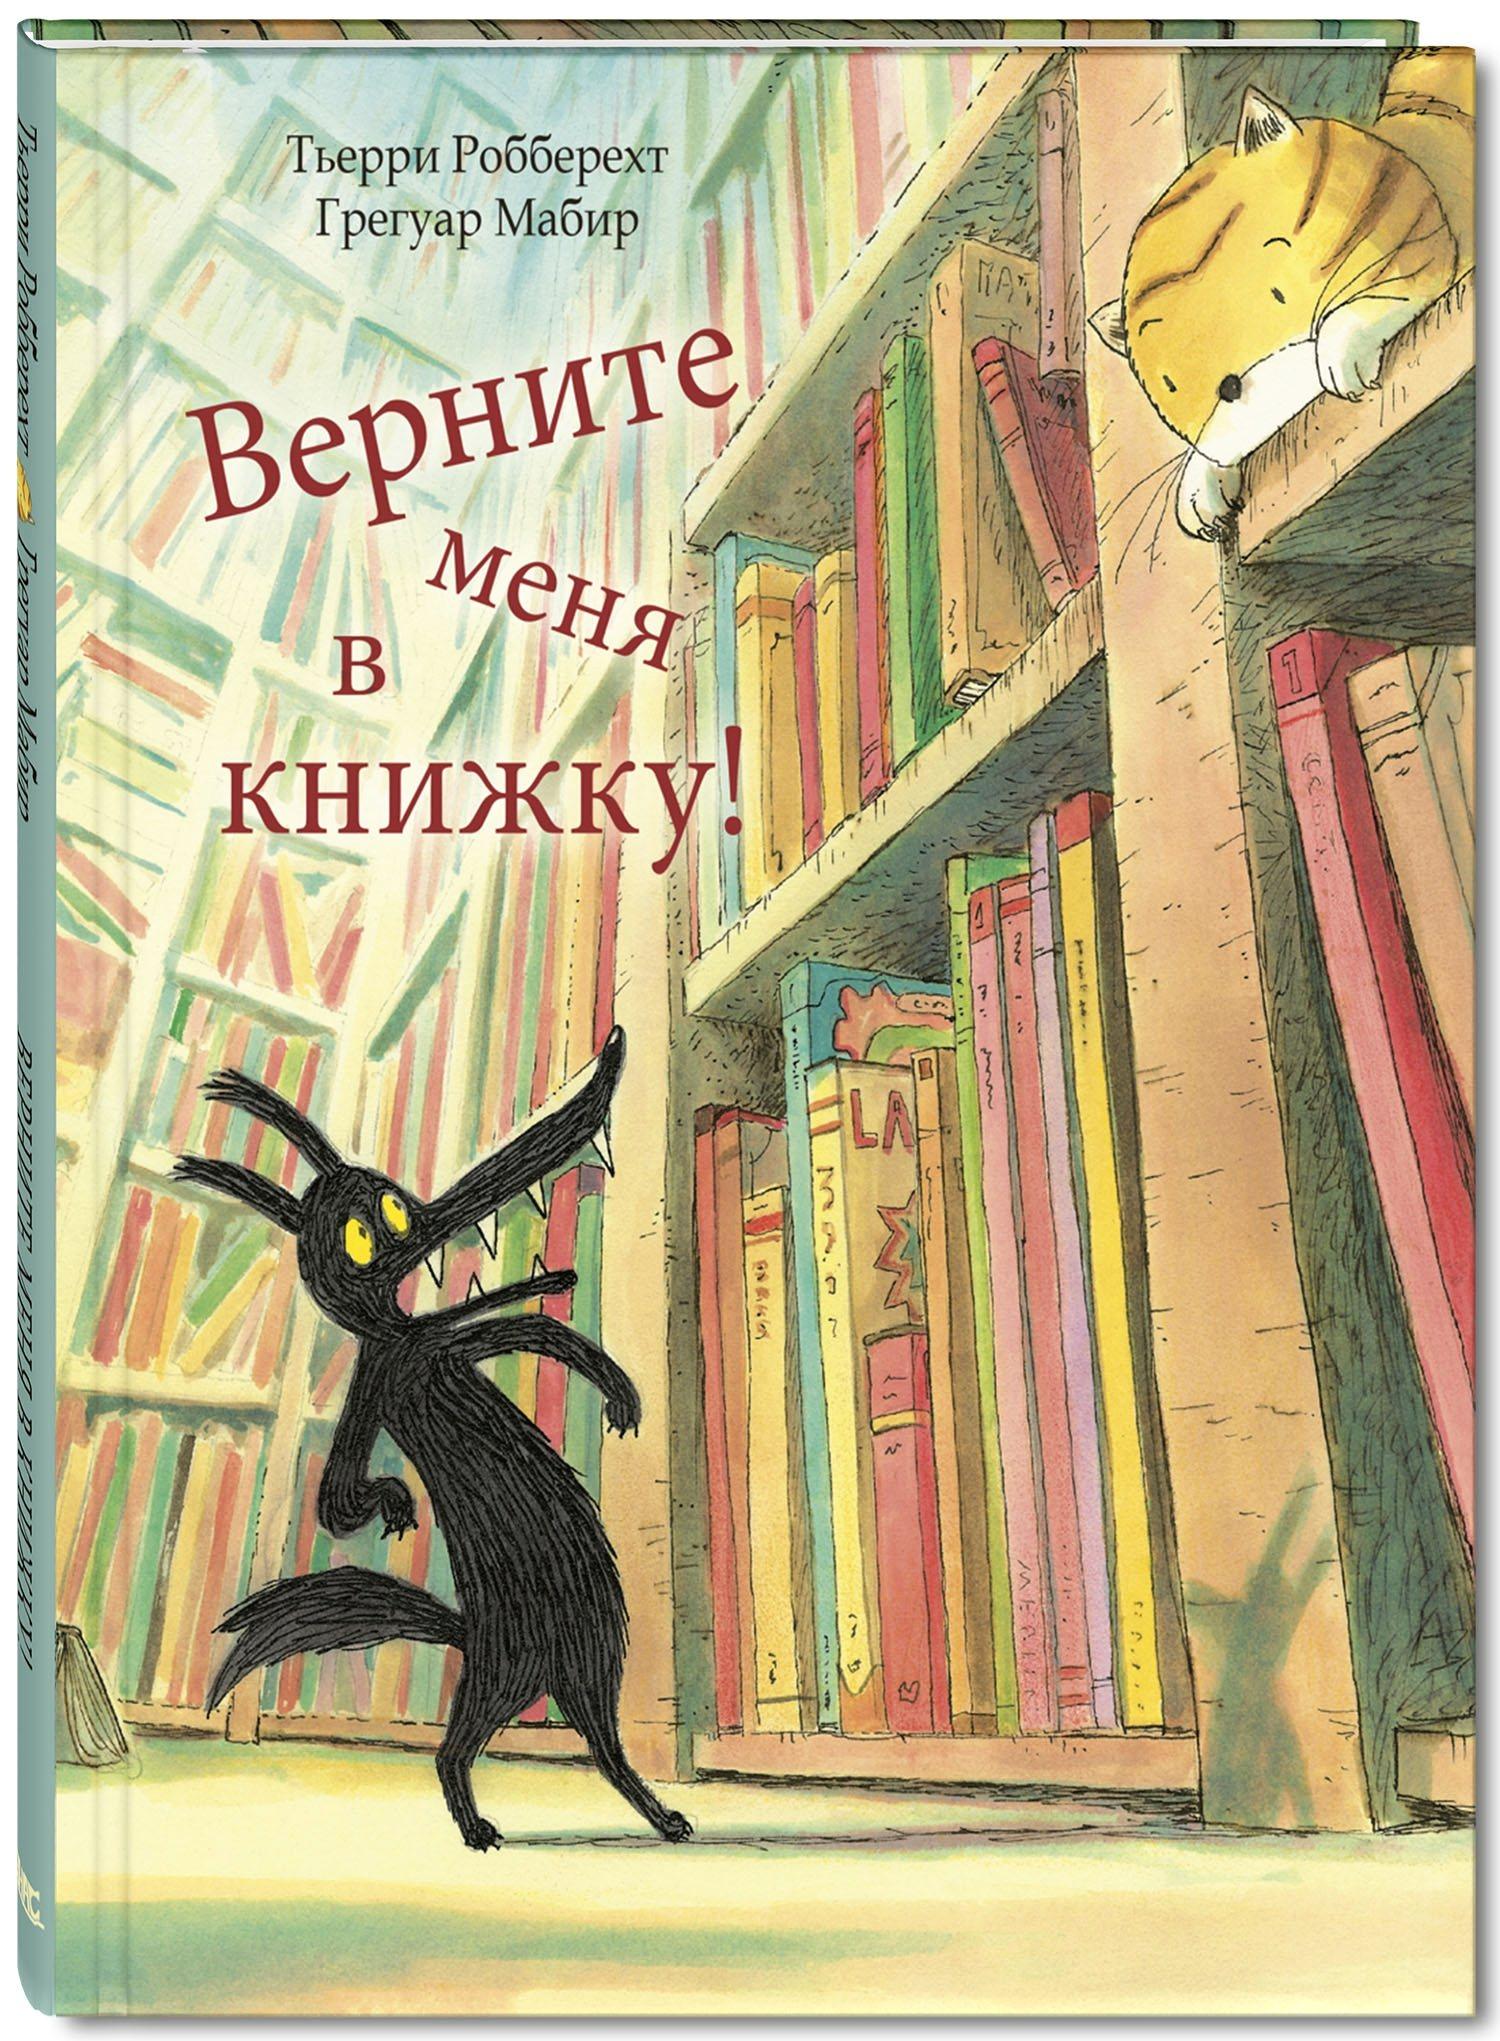 Тьерри Робберехт Верните меня в книжку! ISBN: 978-5-91921-588-2